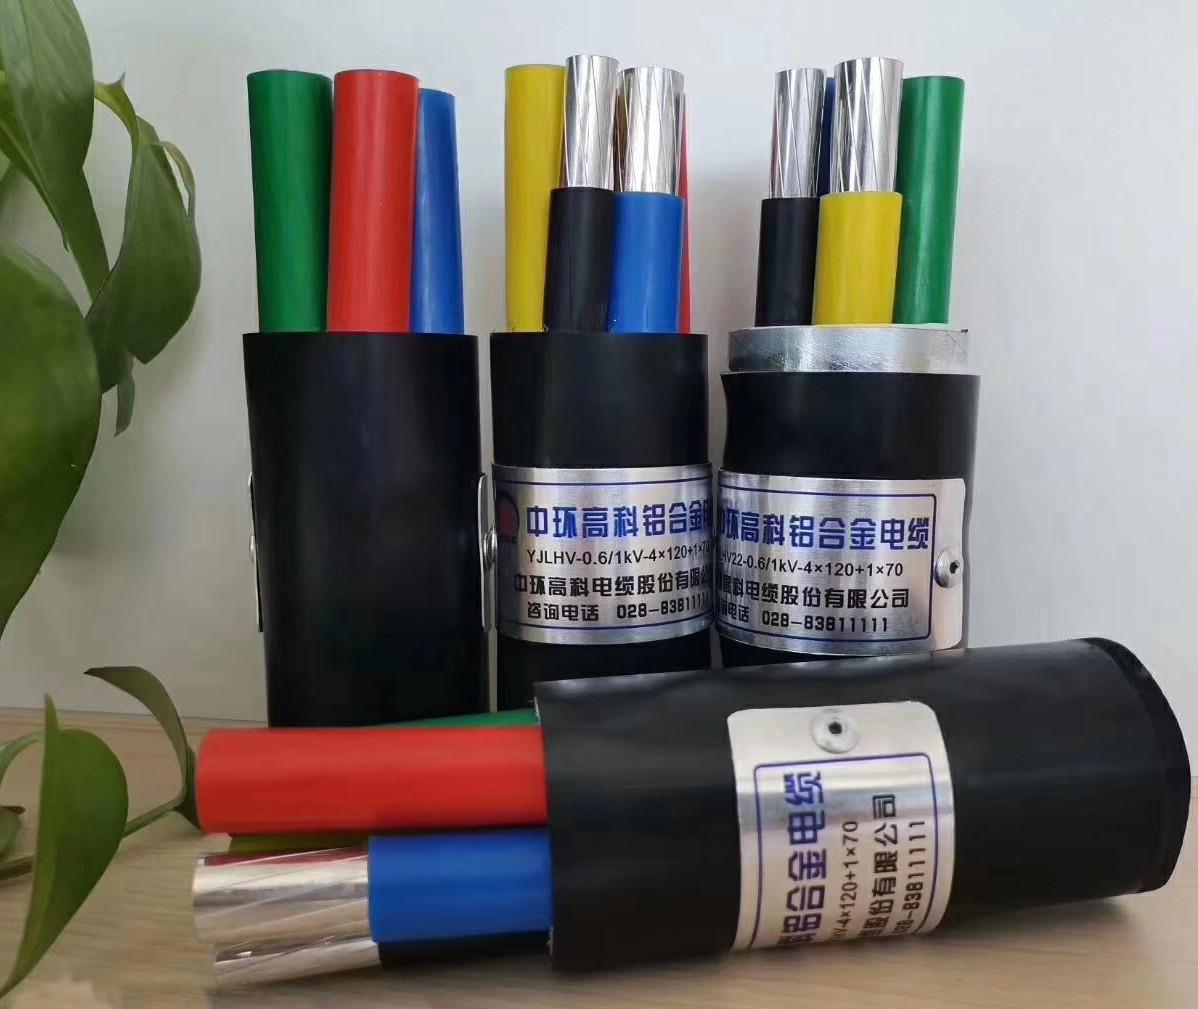 铝合金电力电缆应用领域-内蒙古铝合金电力电缆知名品牌